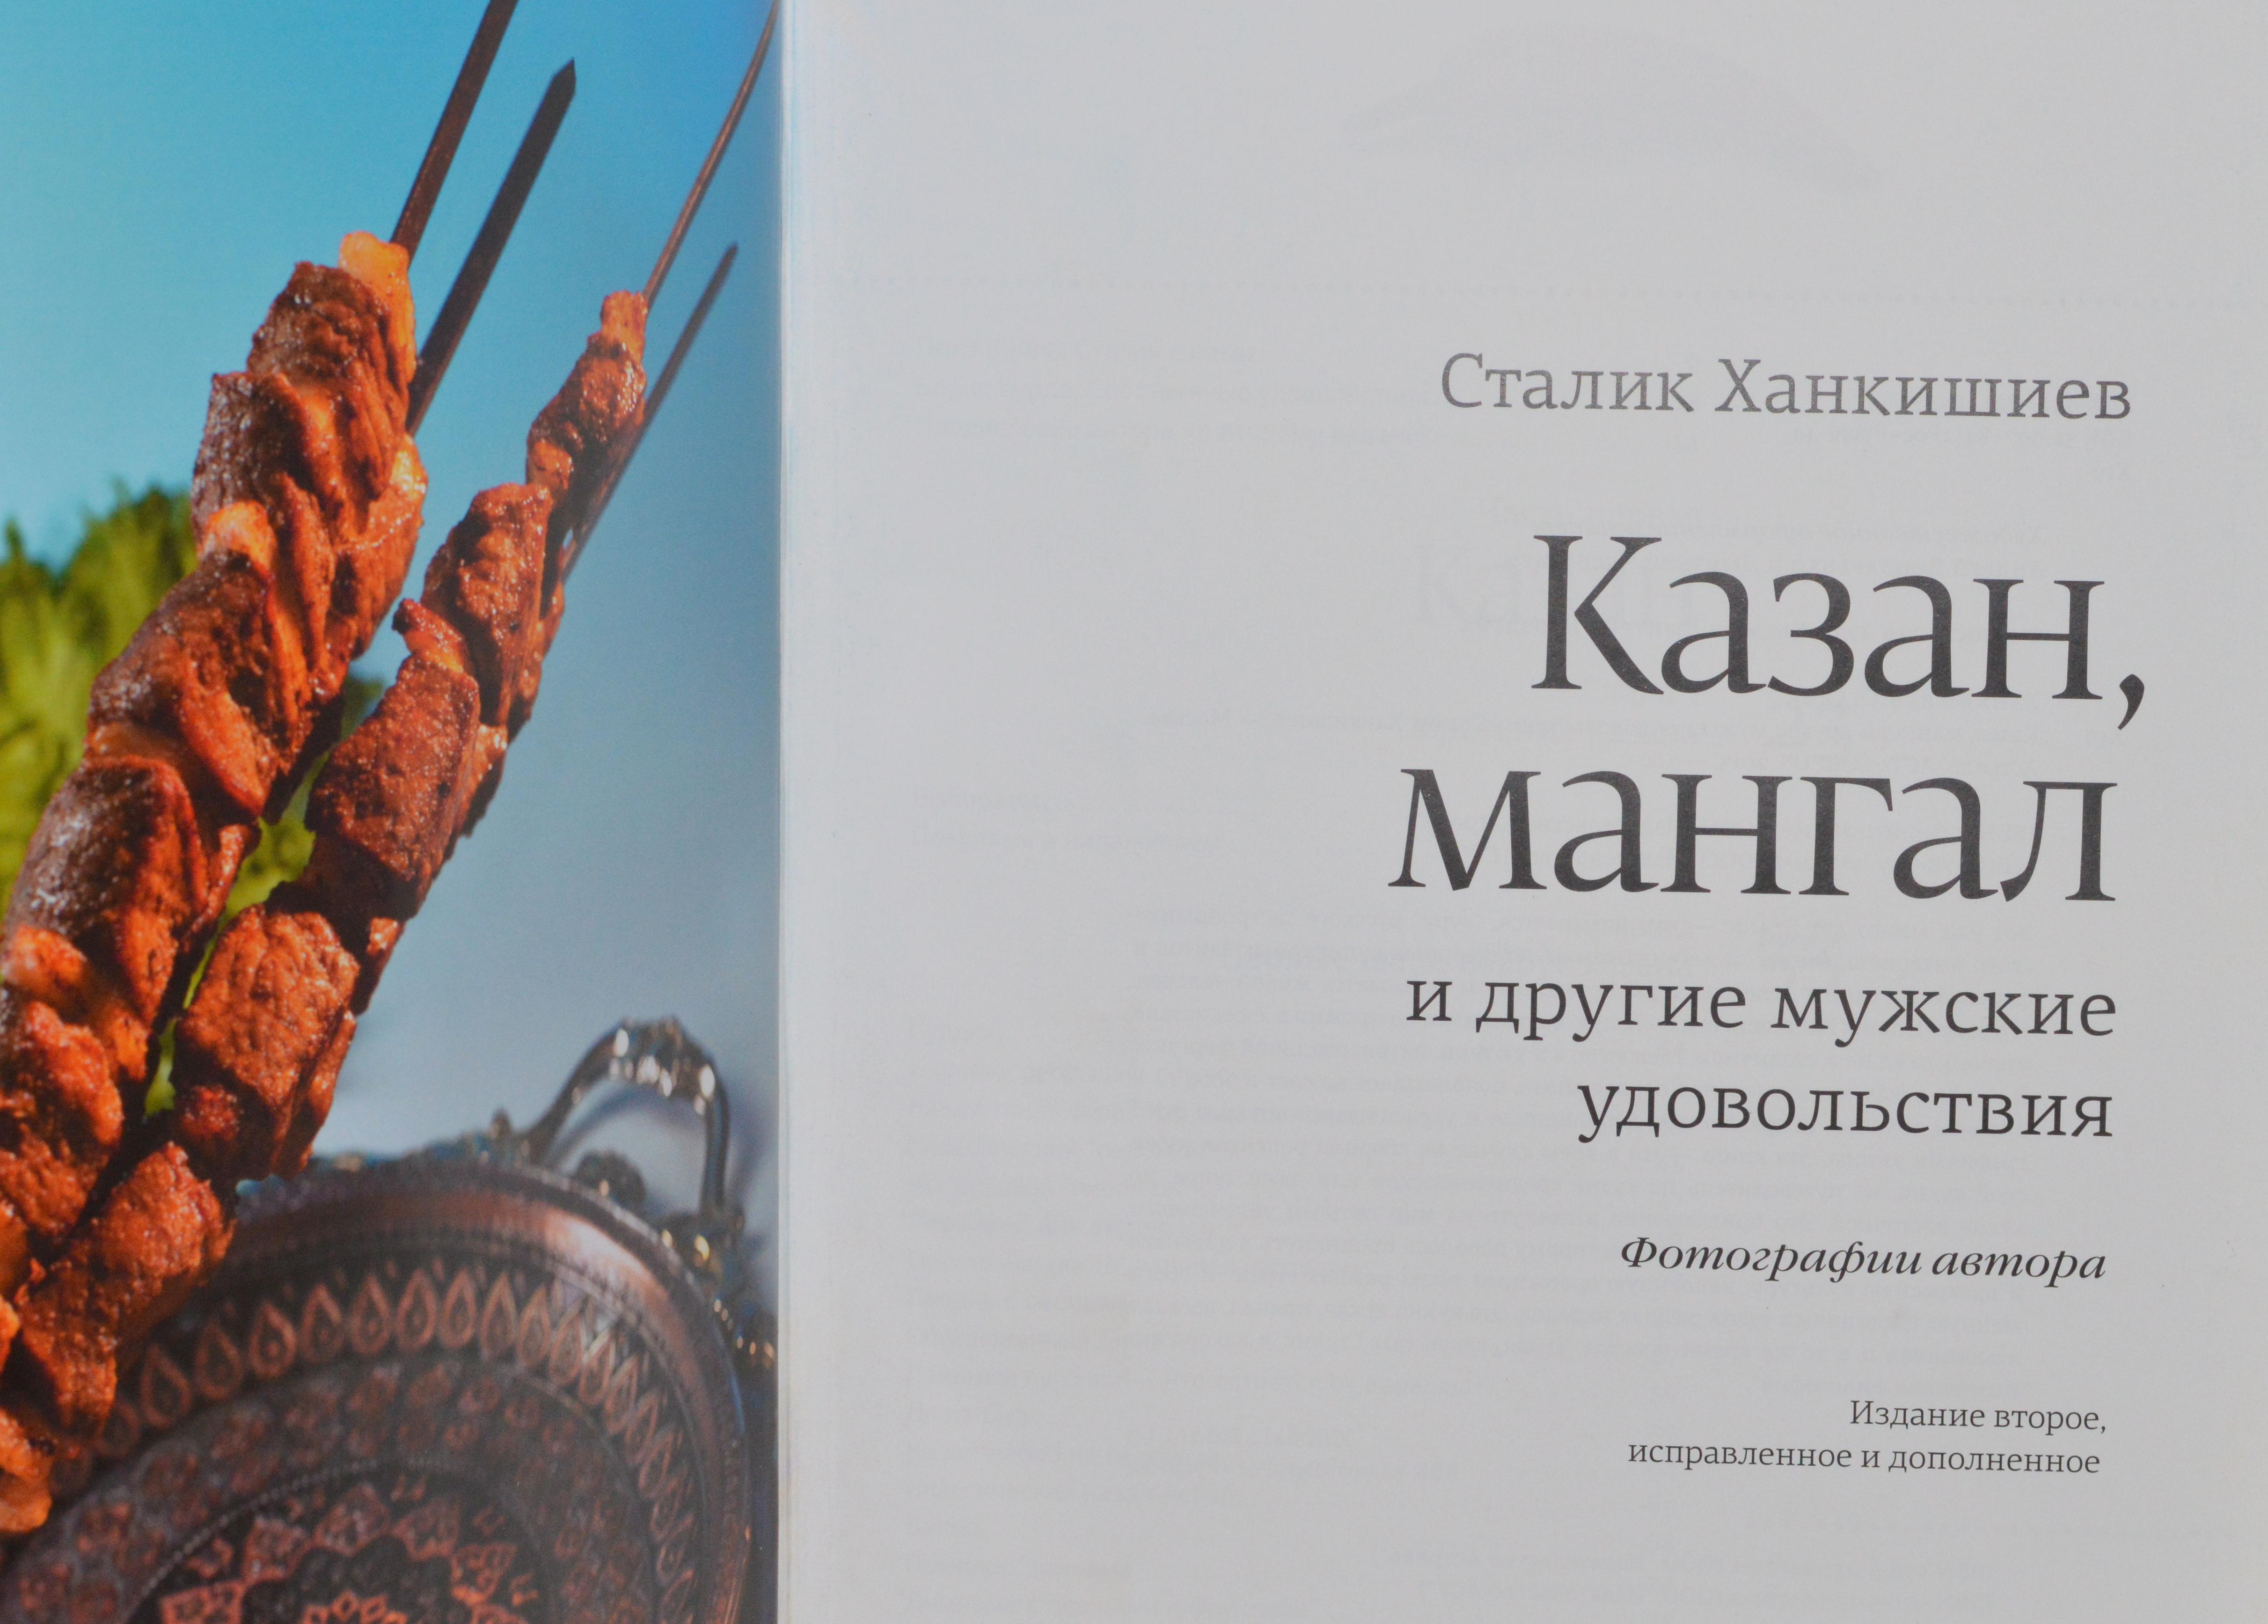 СТАЛИК ХАНКИШИЕВ КАЗАН МАНГАЛ И ДРУГИЕ МУЖСКИЕ УДОВОЛЬСТВИЯ СКАЧАТЬ БЕСПЛАТНО